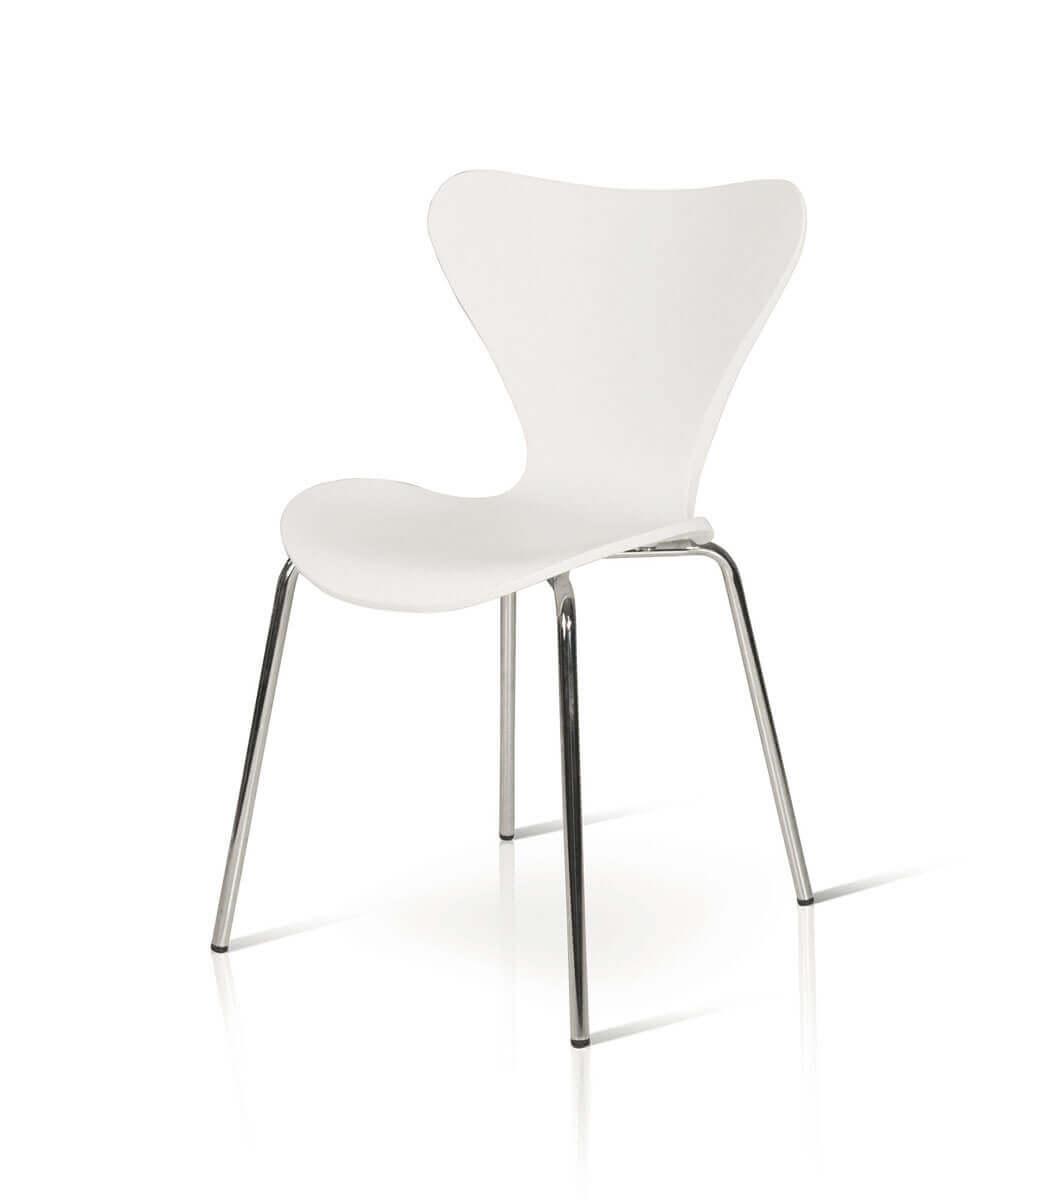 Sedie Acciaio E Plastica.Sedie Plastica Impilabili Moderne Bianche O Nere Offerta